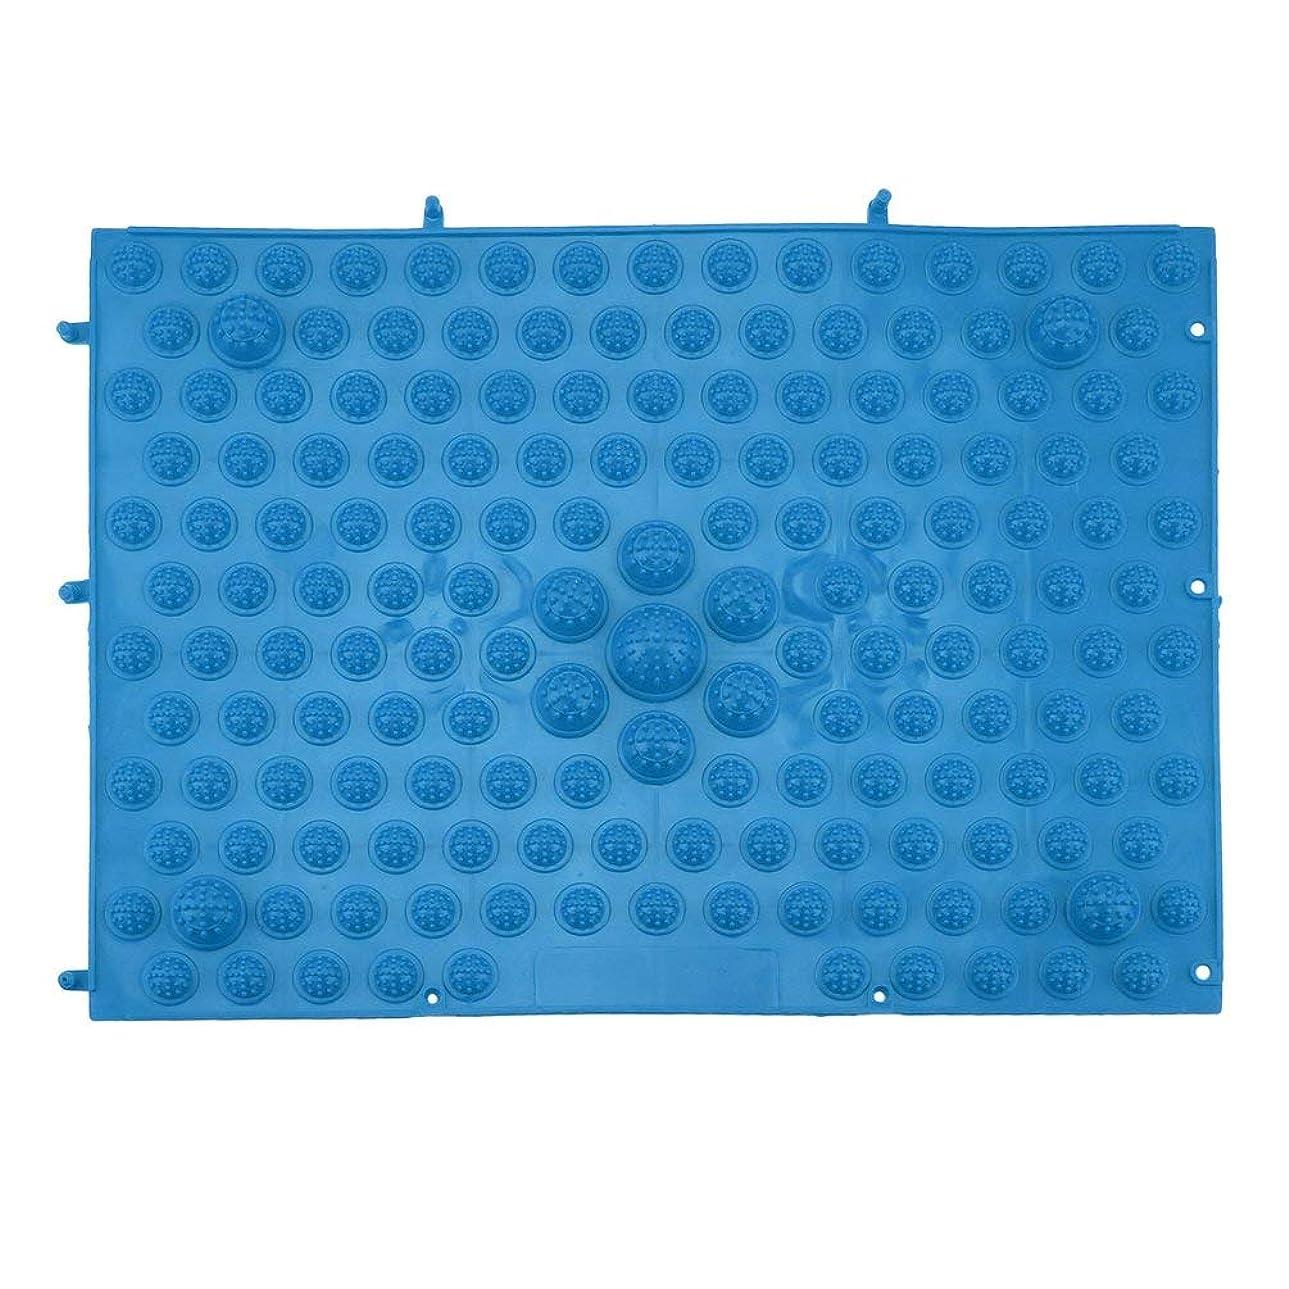 針剥離礼儀指圧フットマットランニングマンゲーム同型フットリフレクソロジーウォーキングマッサージマット用痛み緩和ストレス緩和37x27.5cm - 青